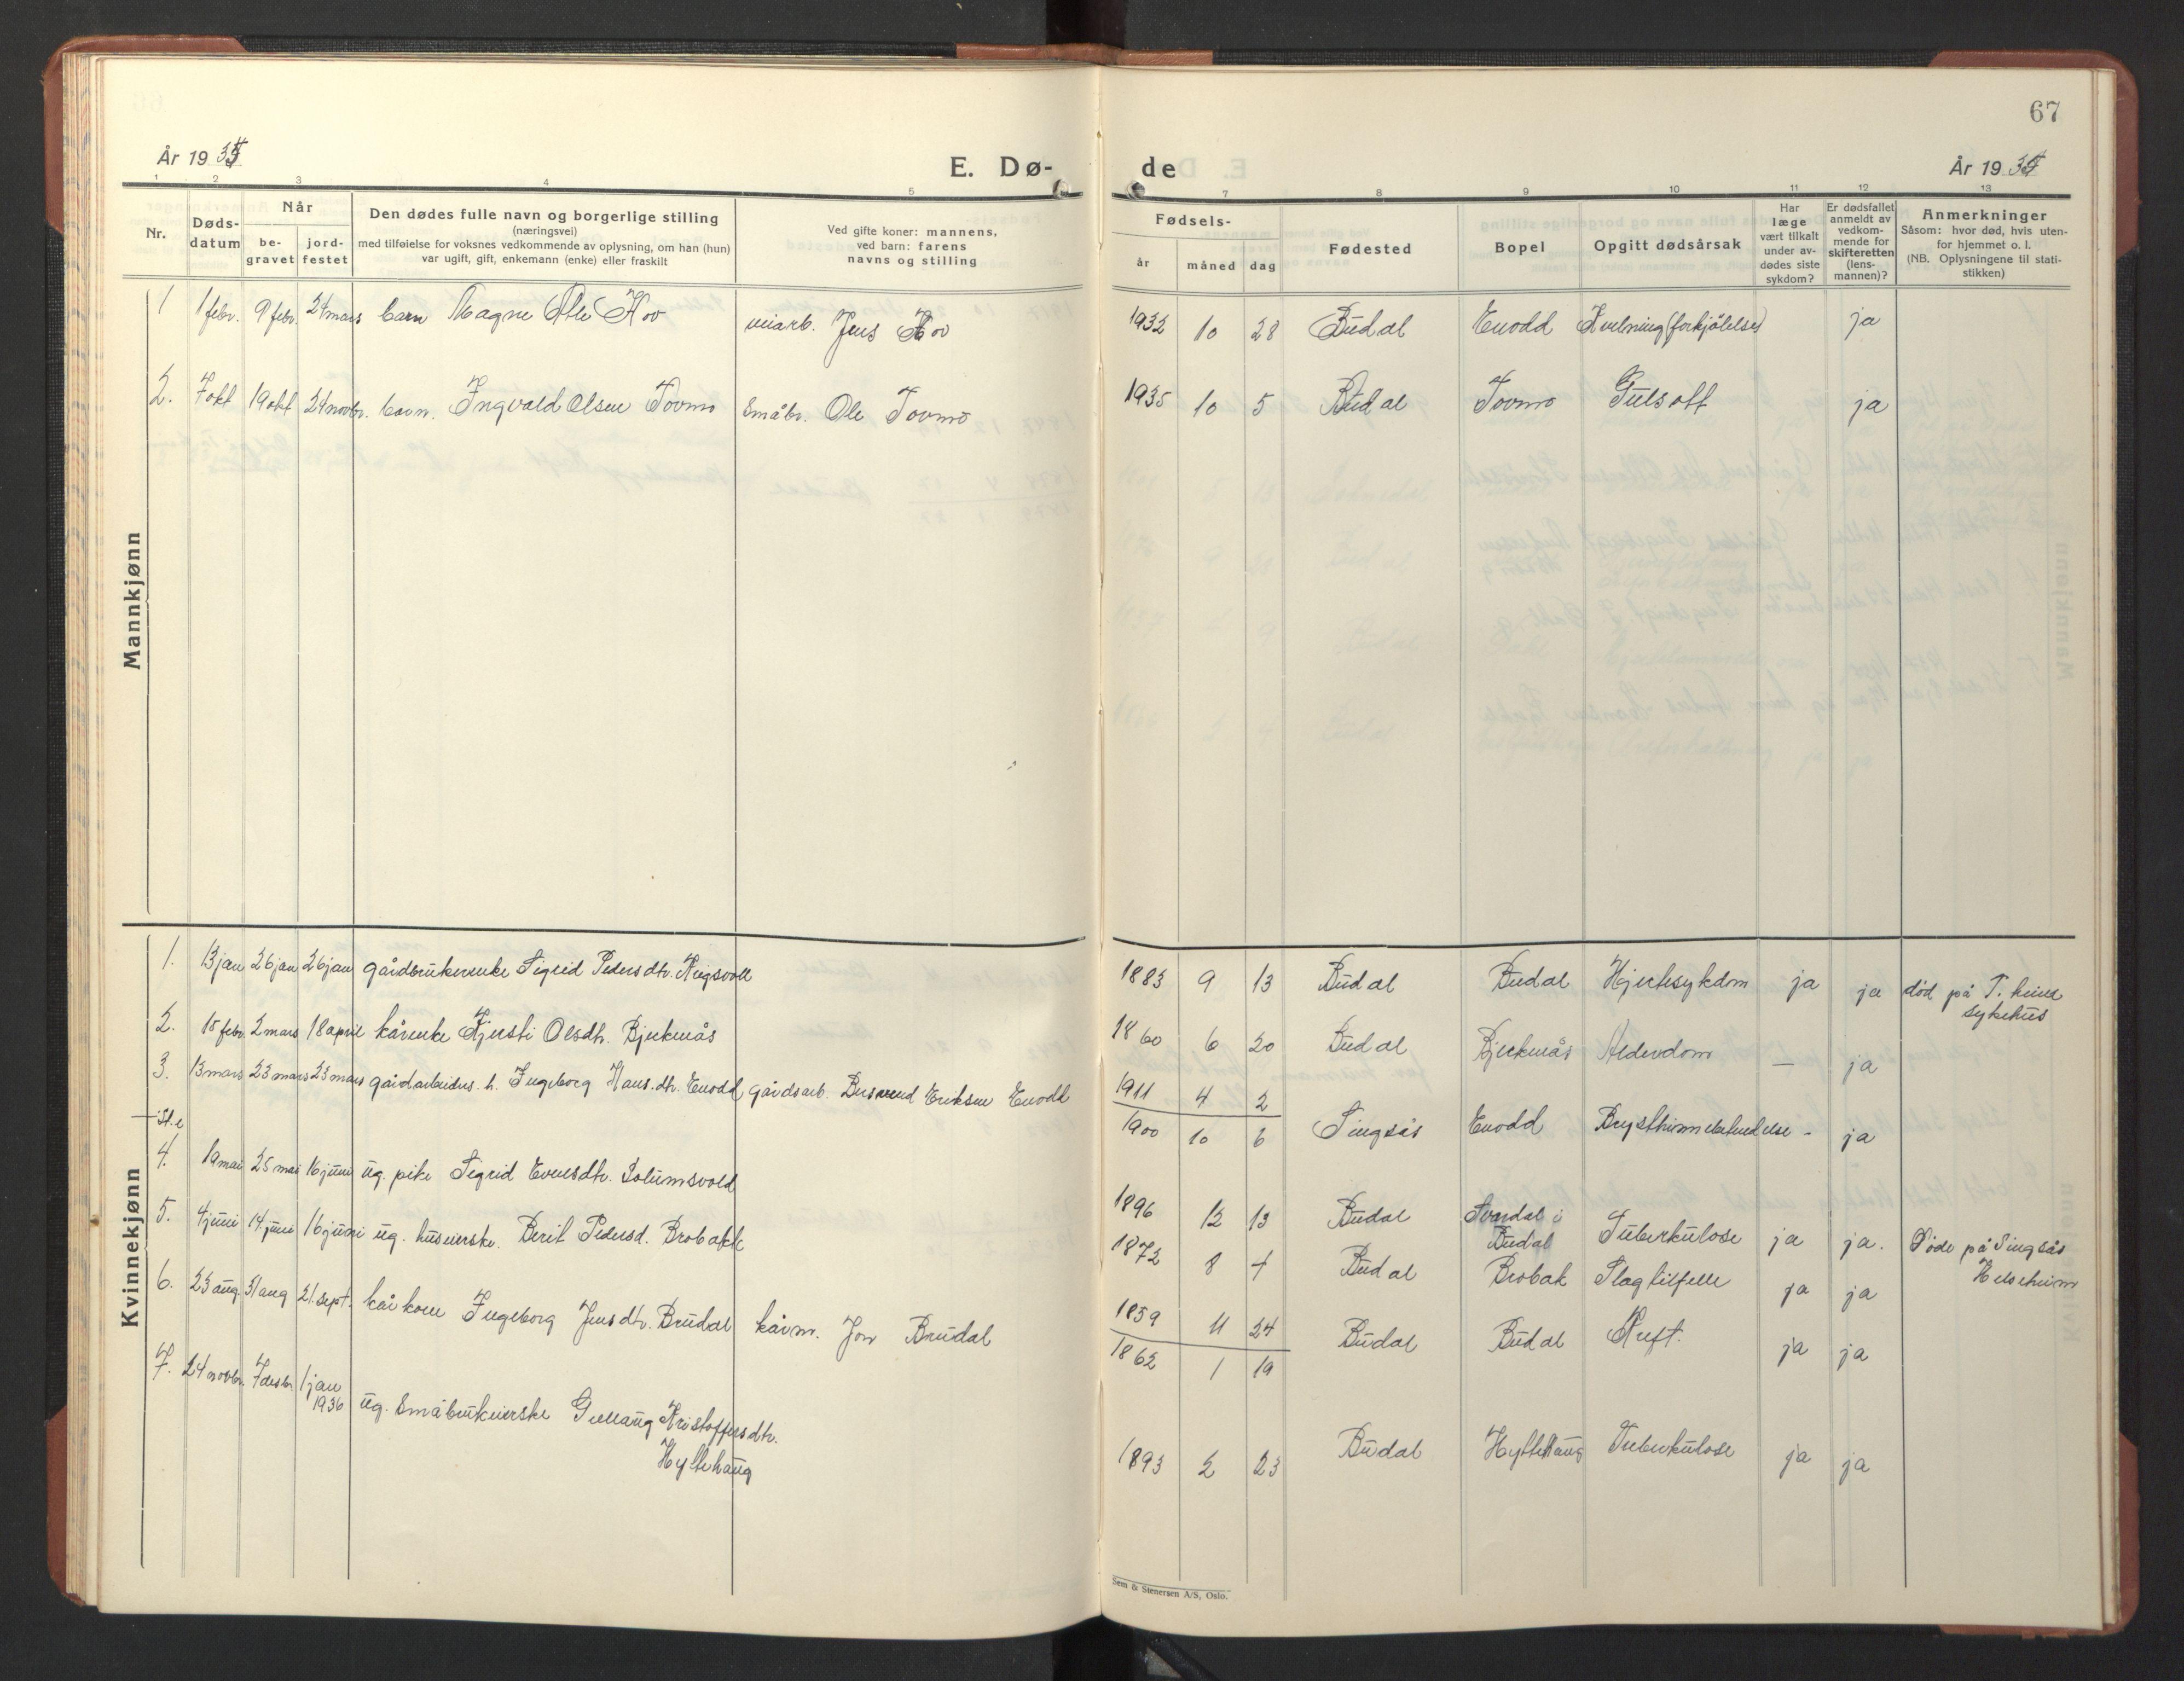 SAT, Ministerialprotokoller, klokkerbøker og fødselsregistre - Sør-Trøndelag, 690/L1053: Klokkerbok nr. 690C03, 1930-1947, s. 67